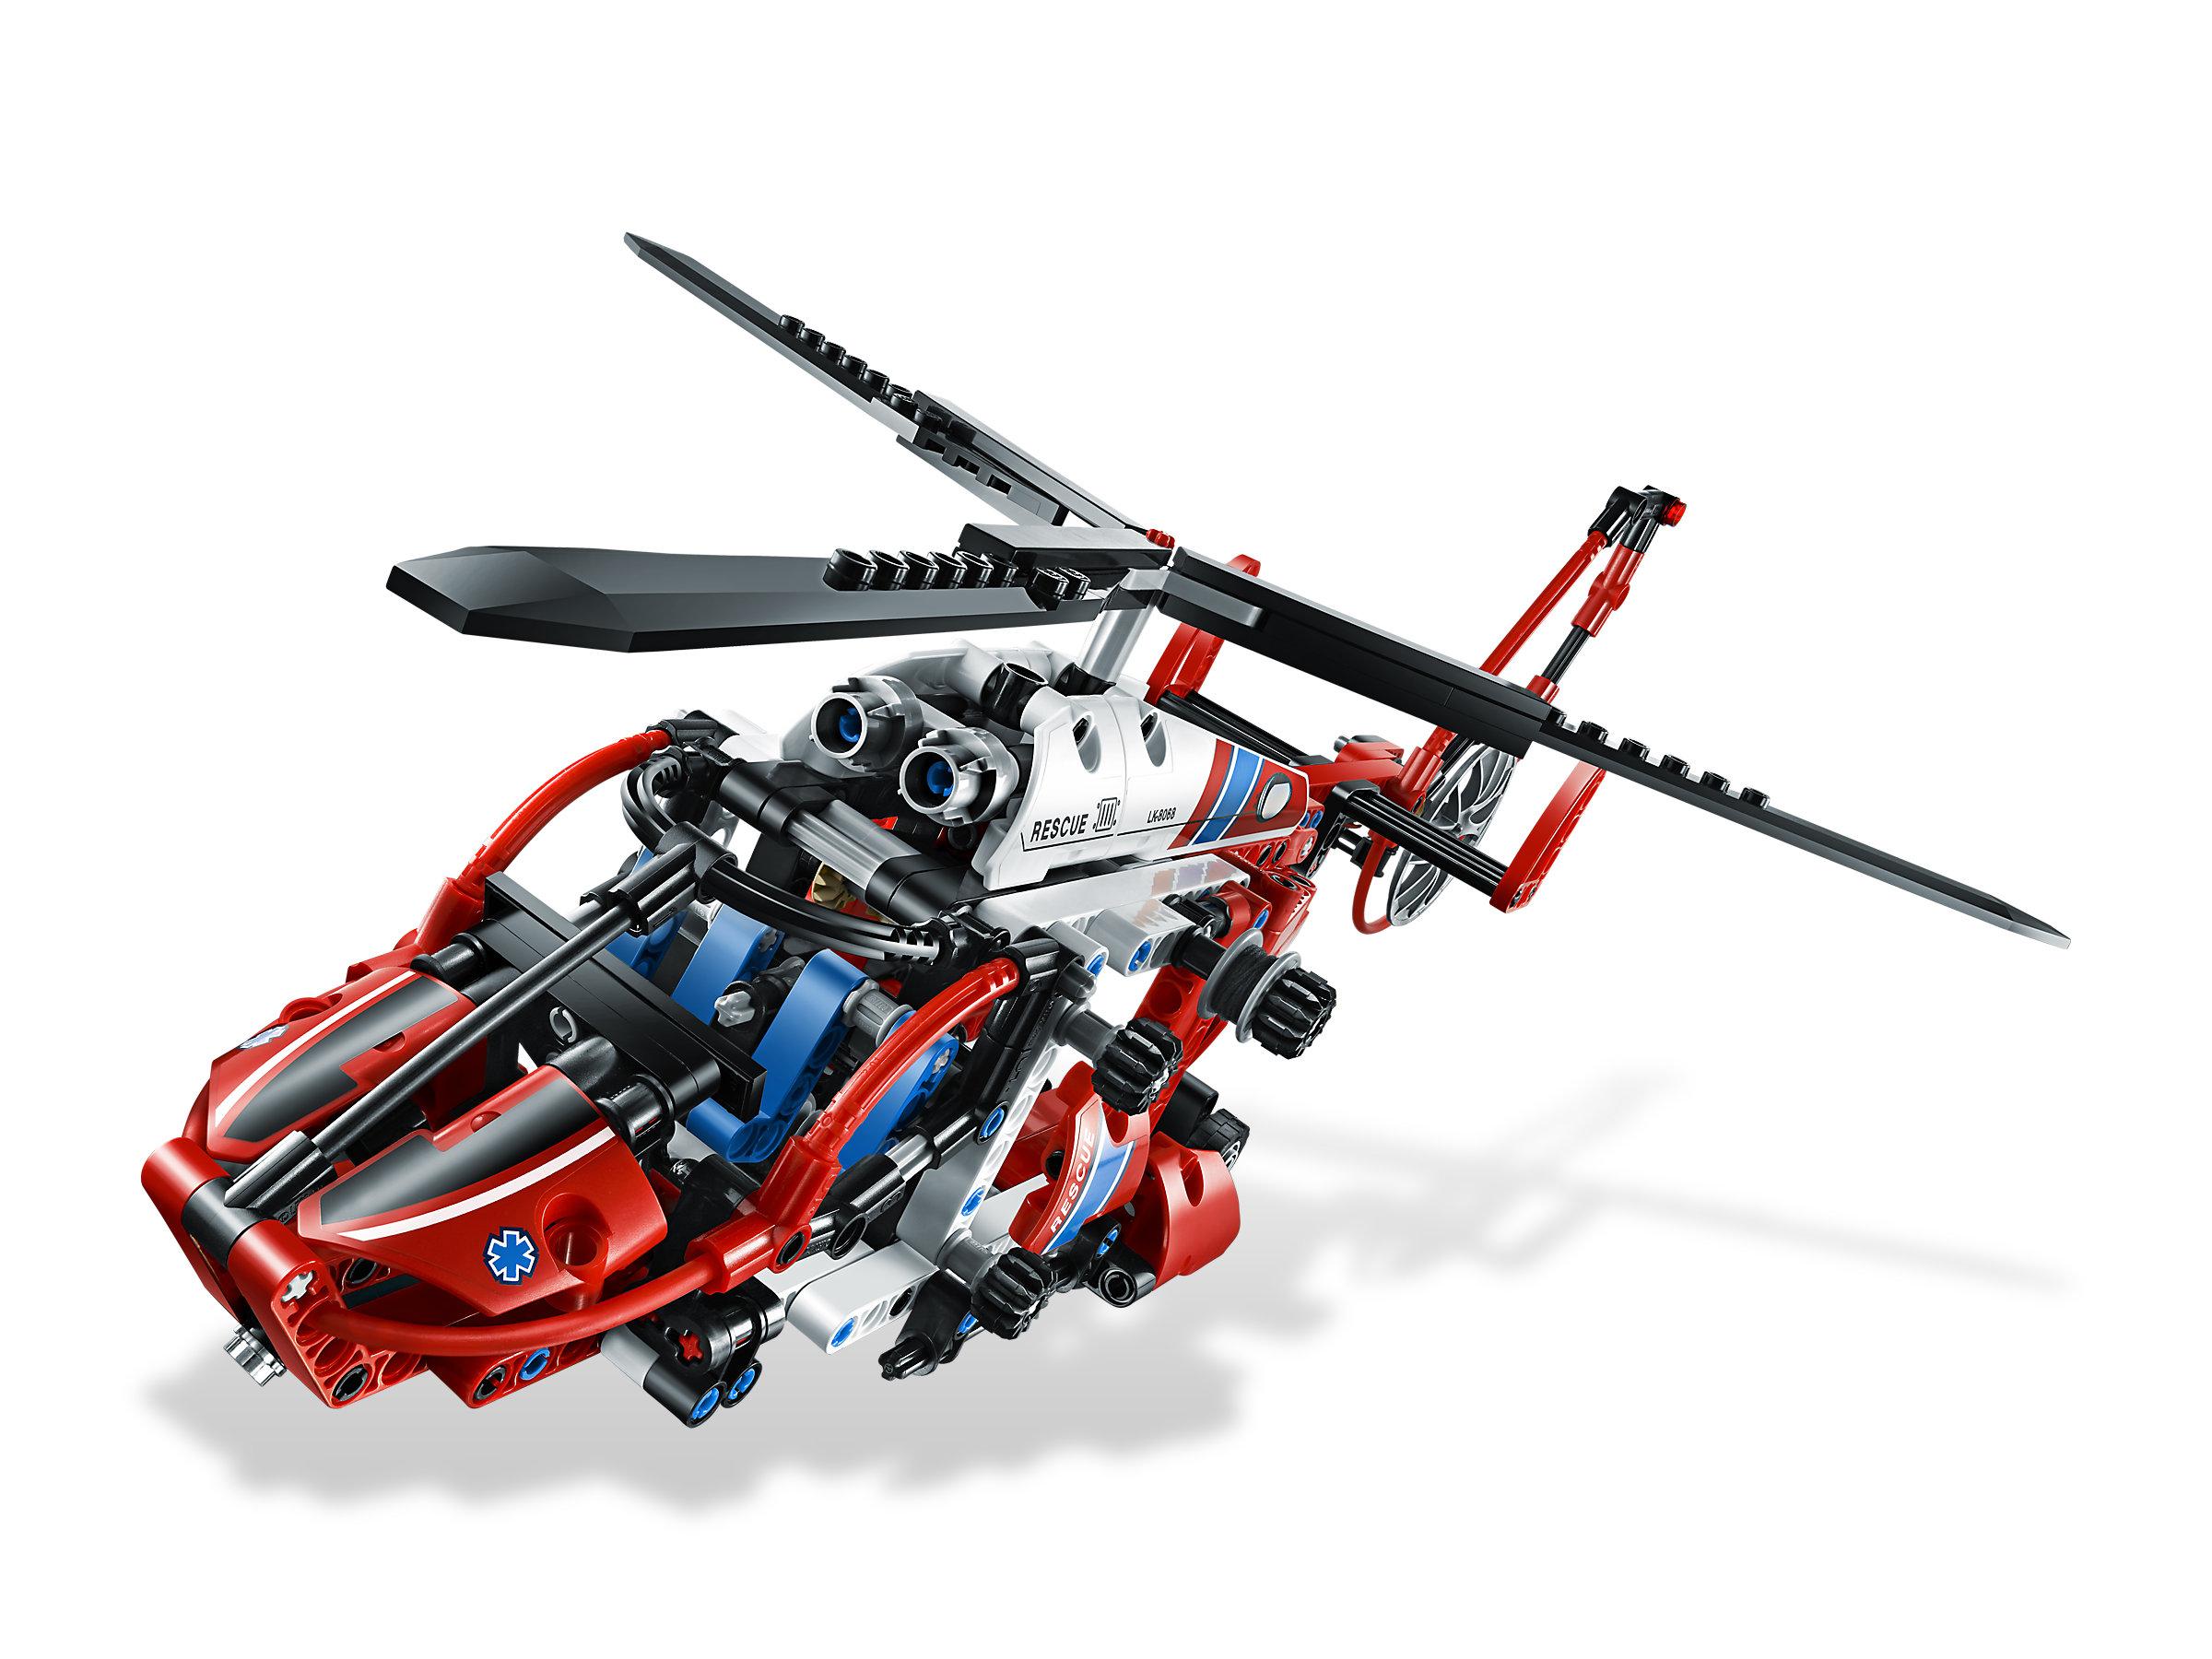 8068 Rettungshubschrauber LEGO Technic Bauanleitung Instruction